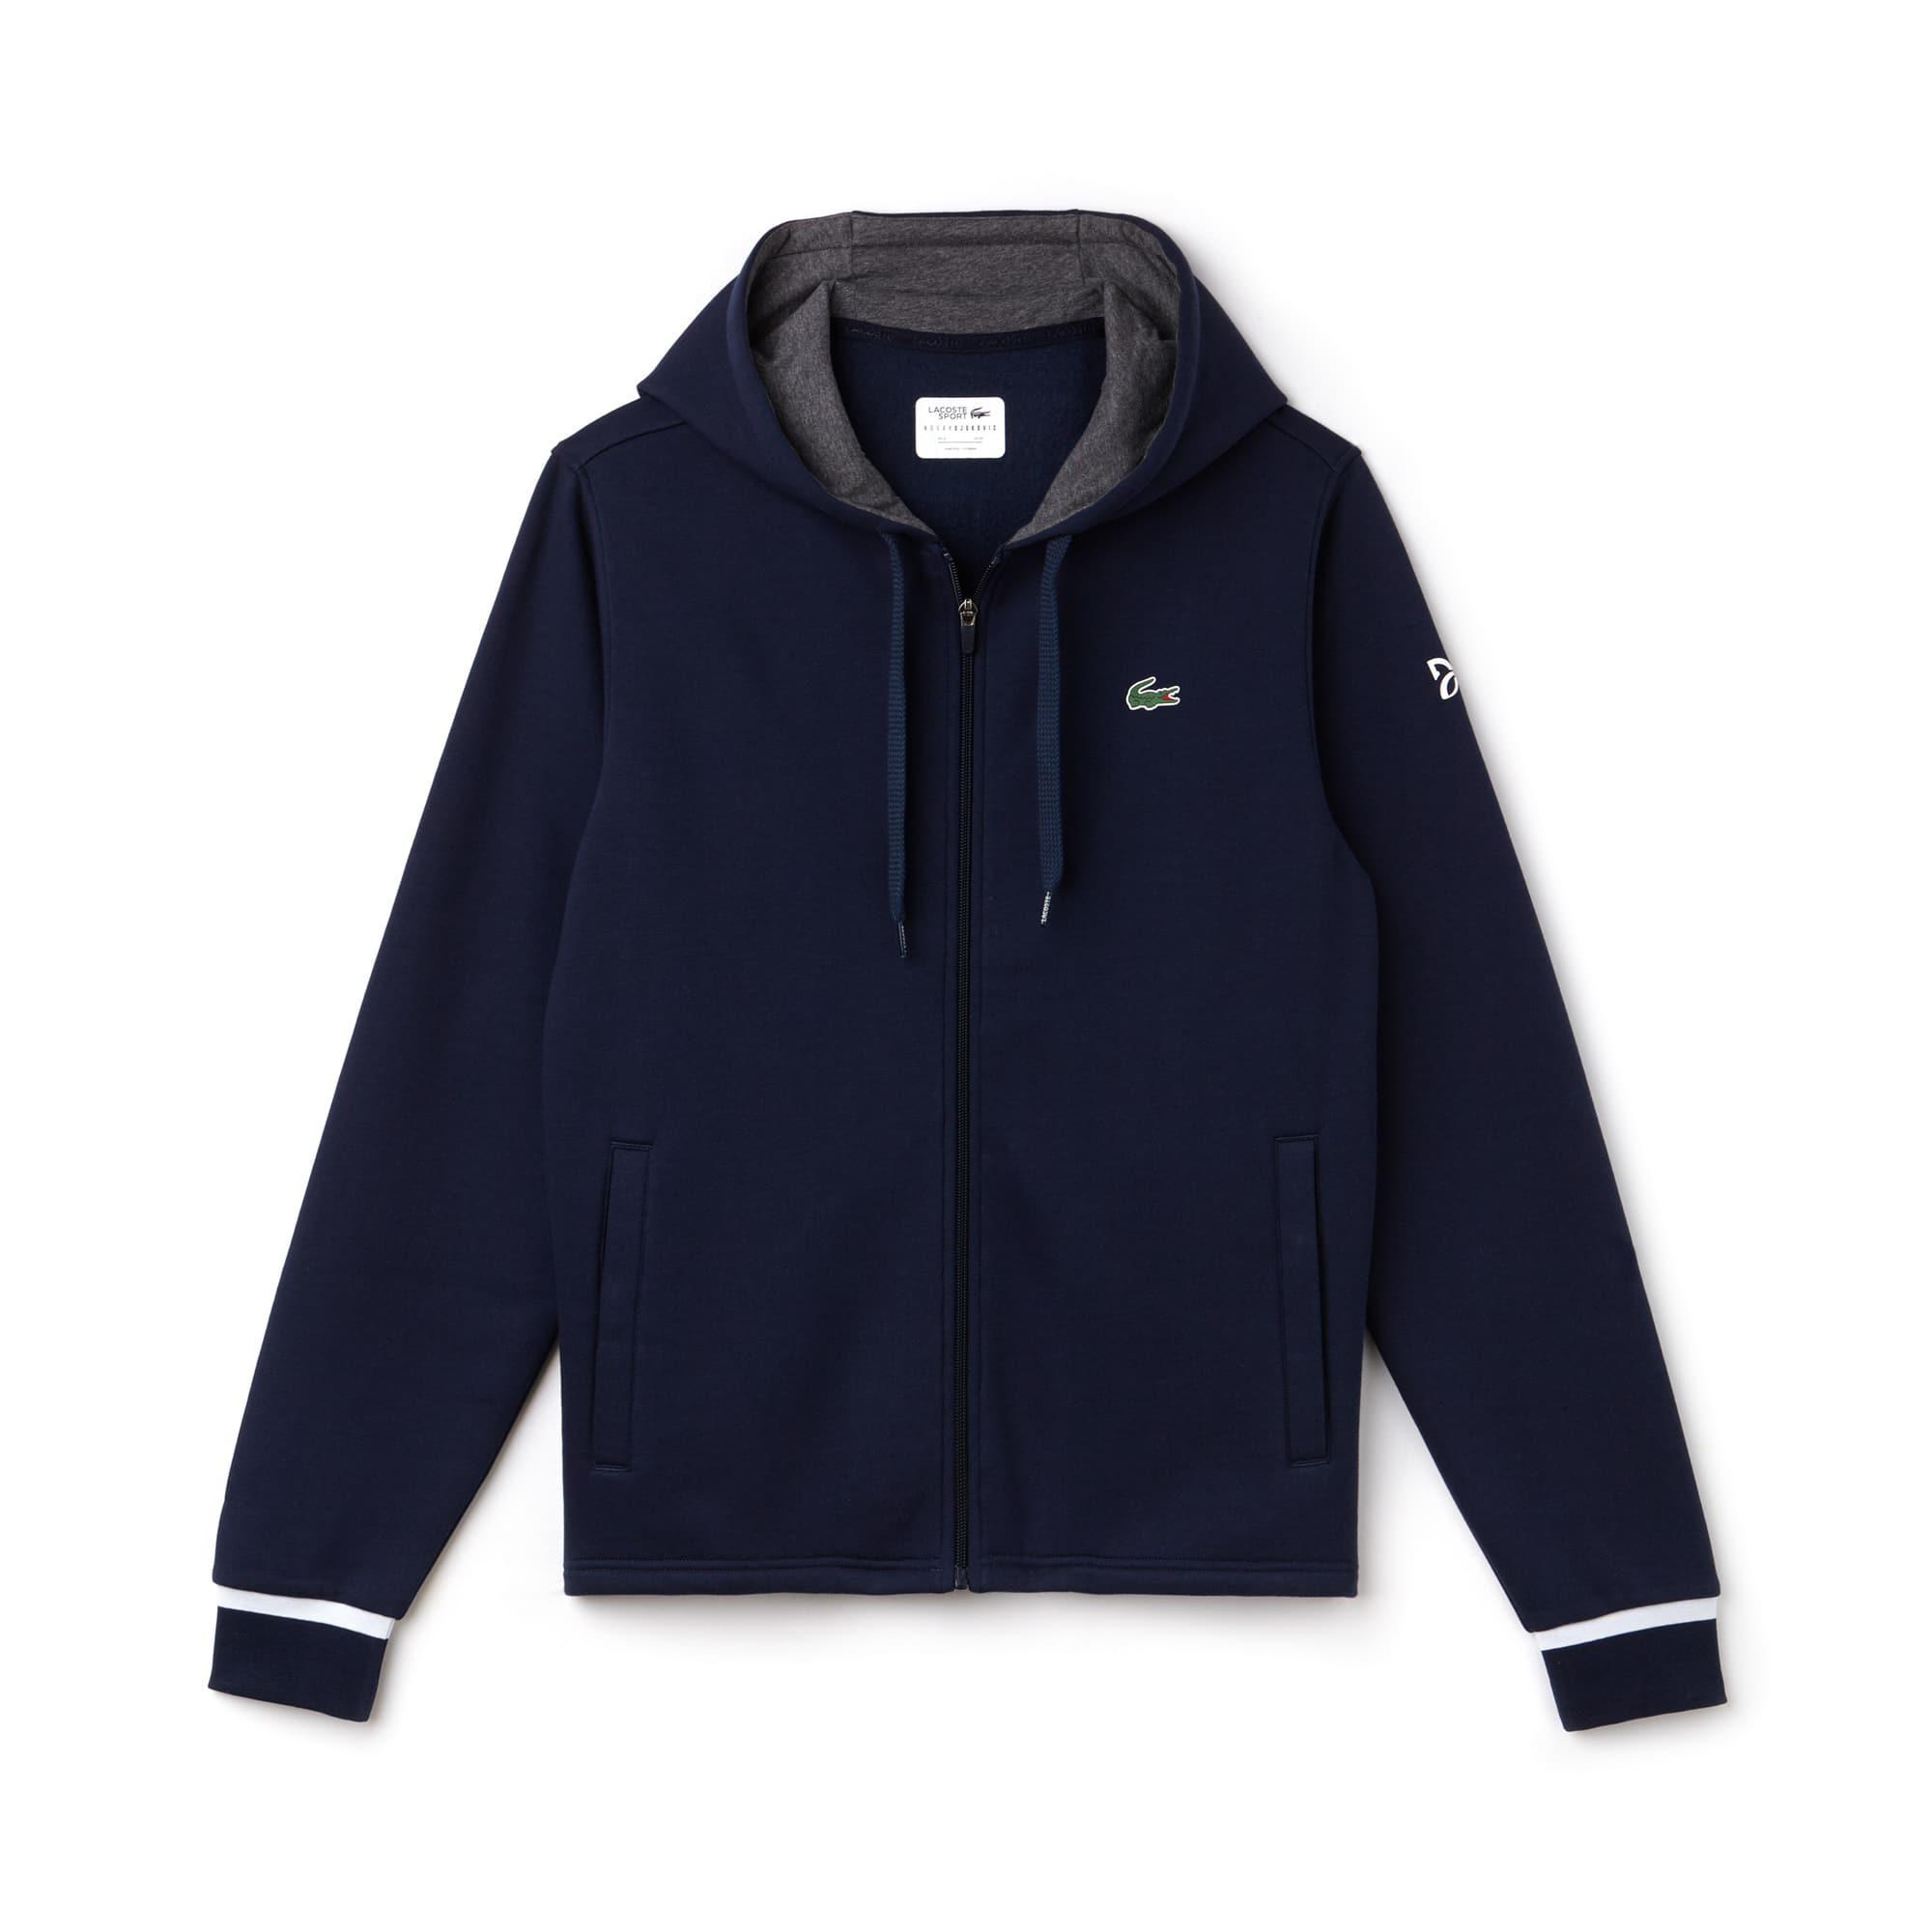 Sweatshirt zippé à capuche Lacoste SPORT COLLECTION NOVAK DJOKOVIC SUPPORT WITH STYLE en molleton uni